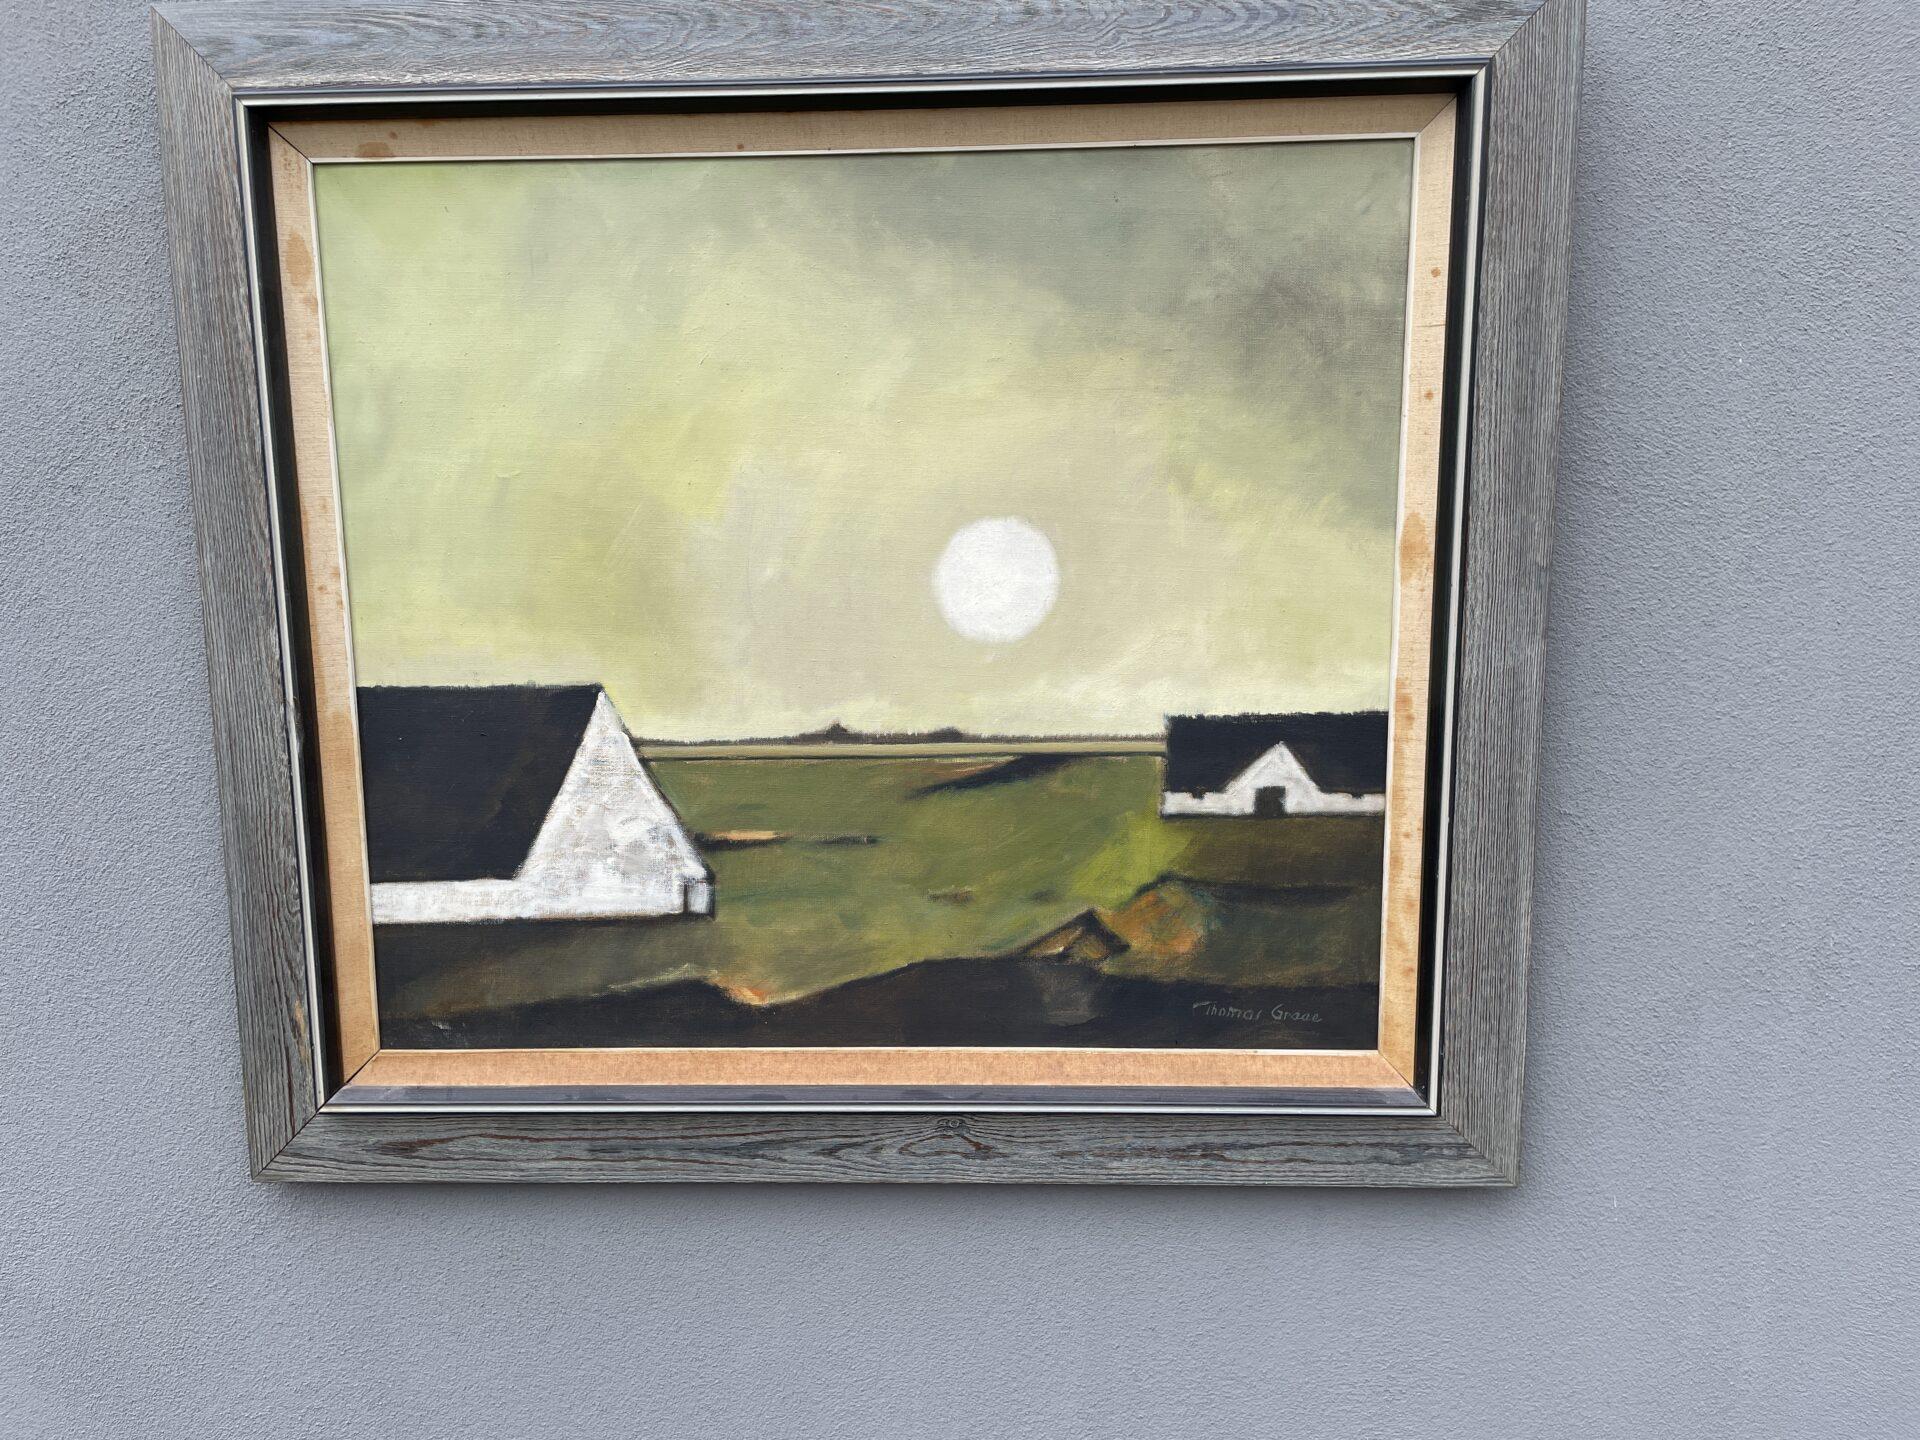 velholdt maleri sign Thomas Graae, rammemål 68x79 cm, pris 600kr